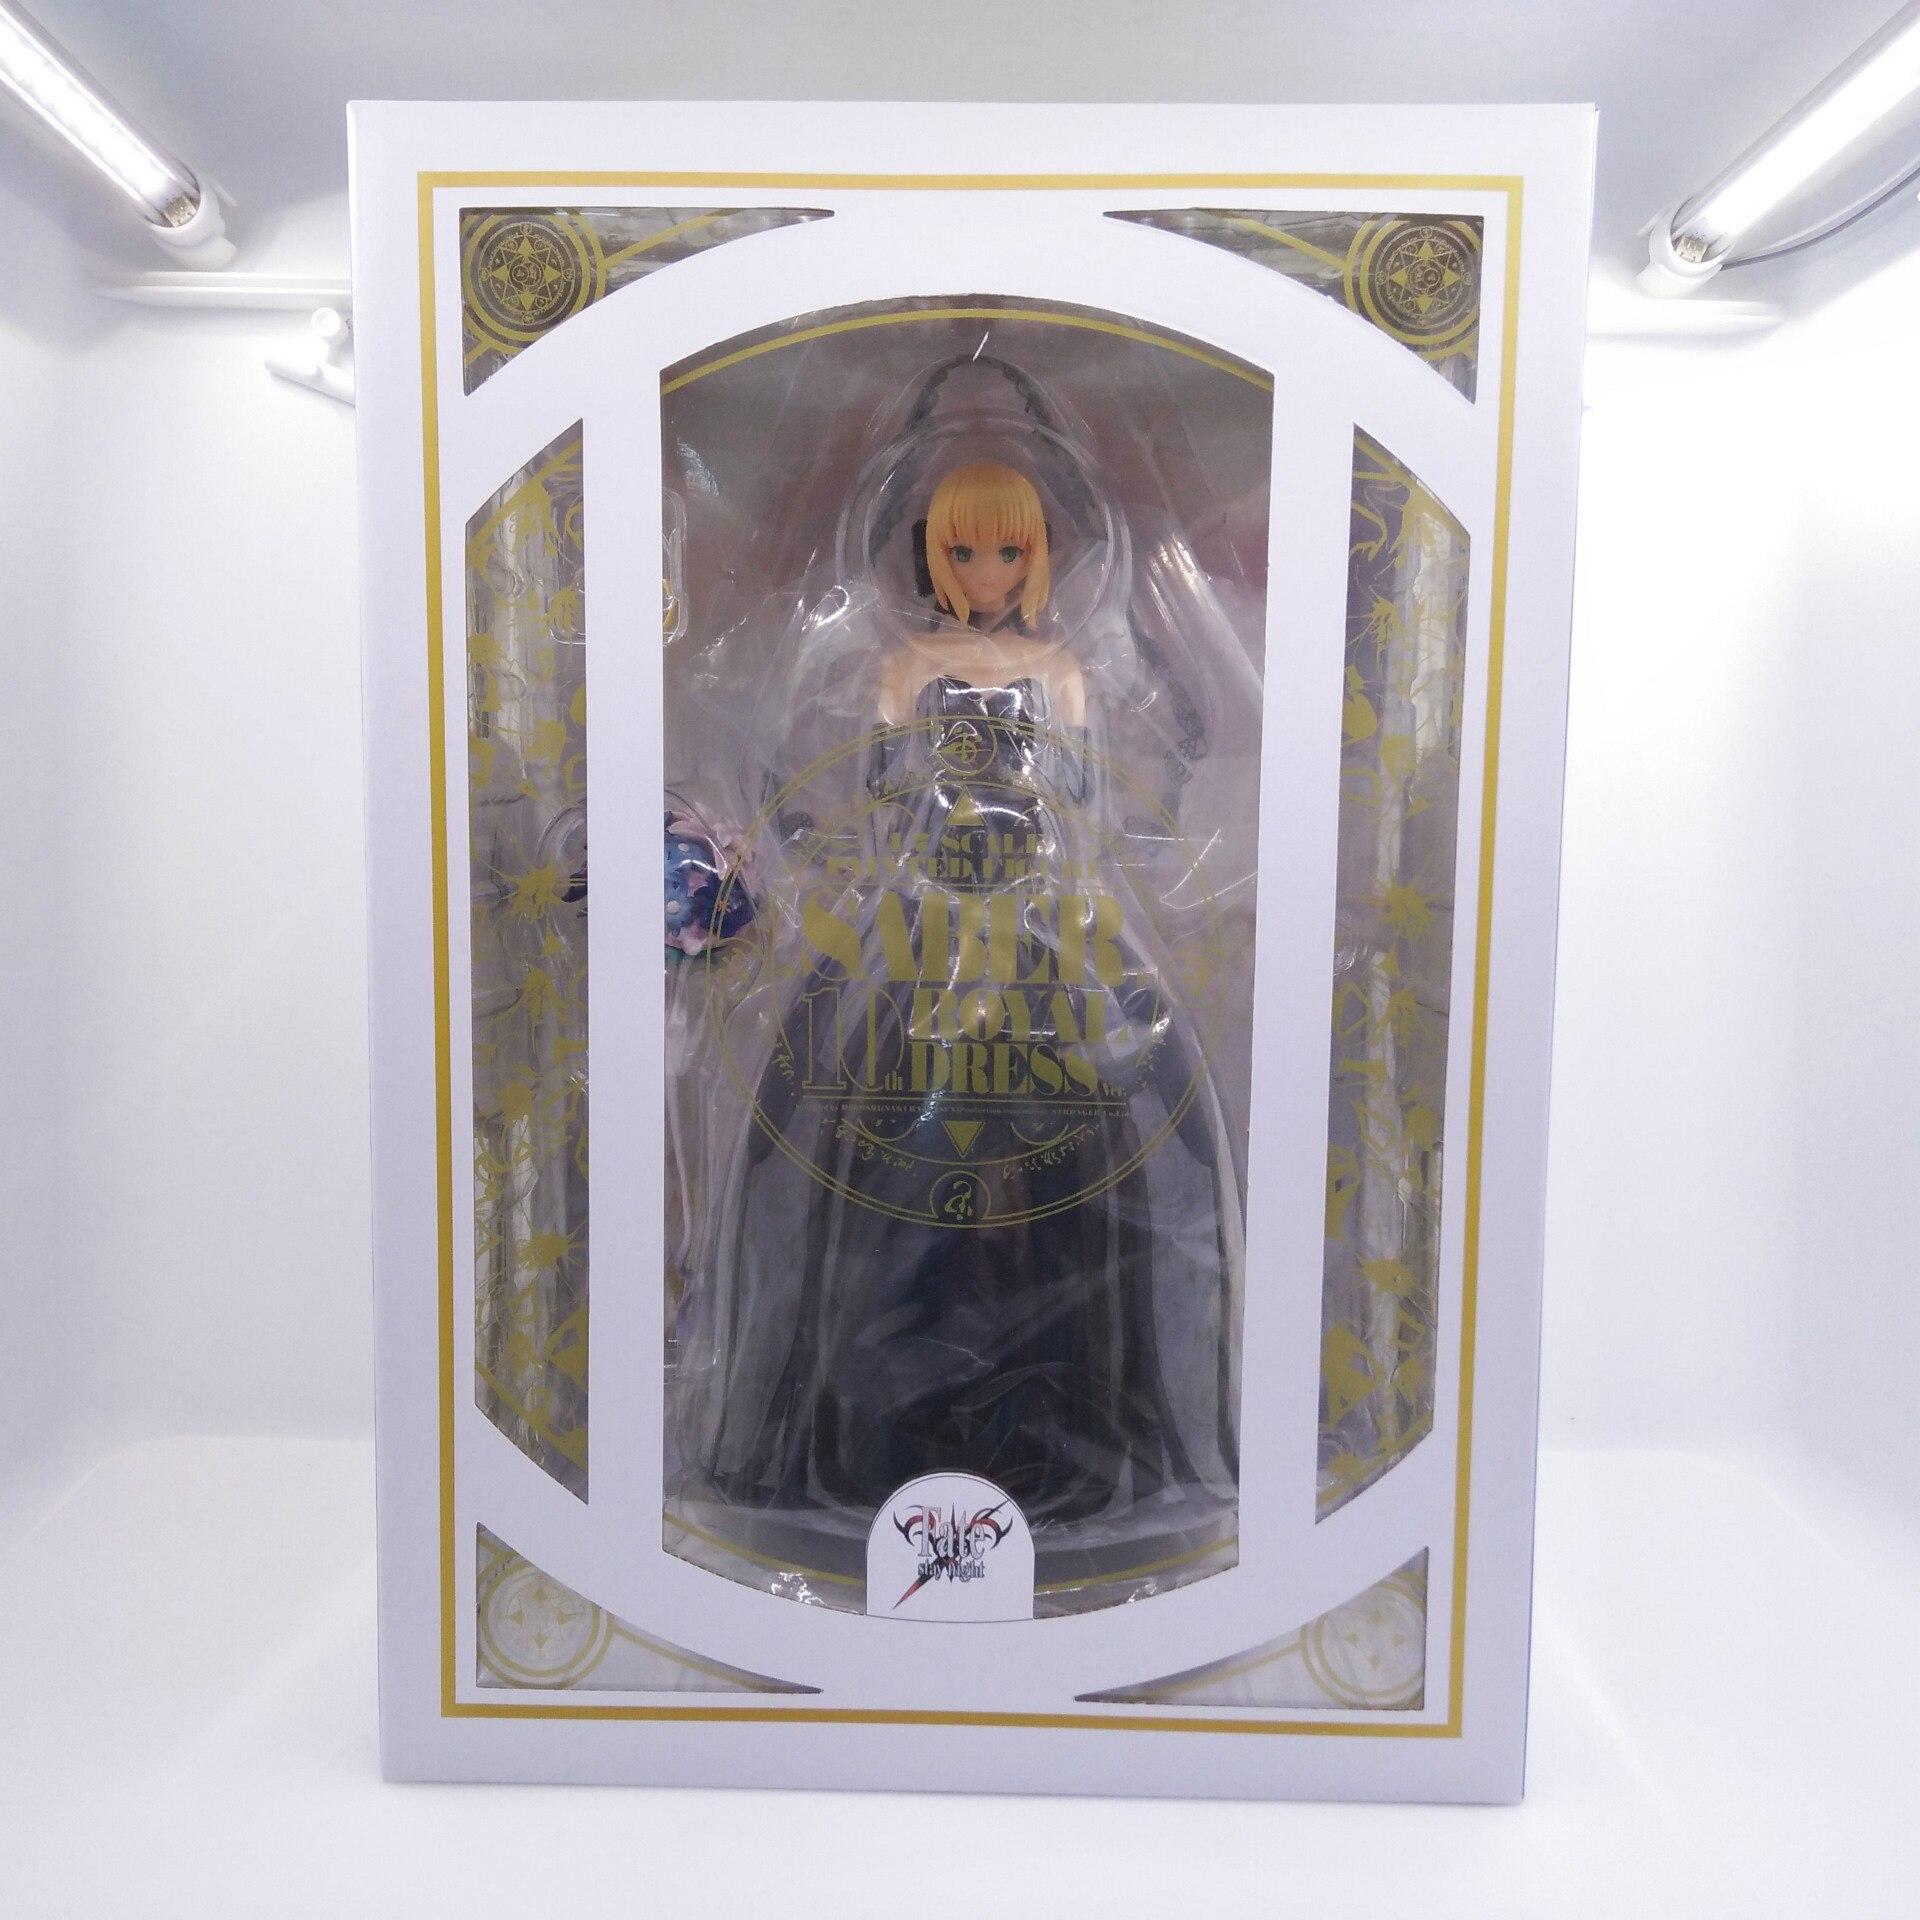 Destin/séjour sabre de nuit robe de mariée noire figurine d'action 10th anniversaire robe royale PVC 25 cm modèle collection nouvelle poupée CHN Ver. - 6